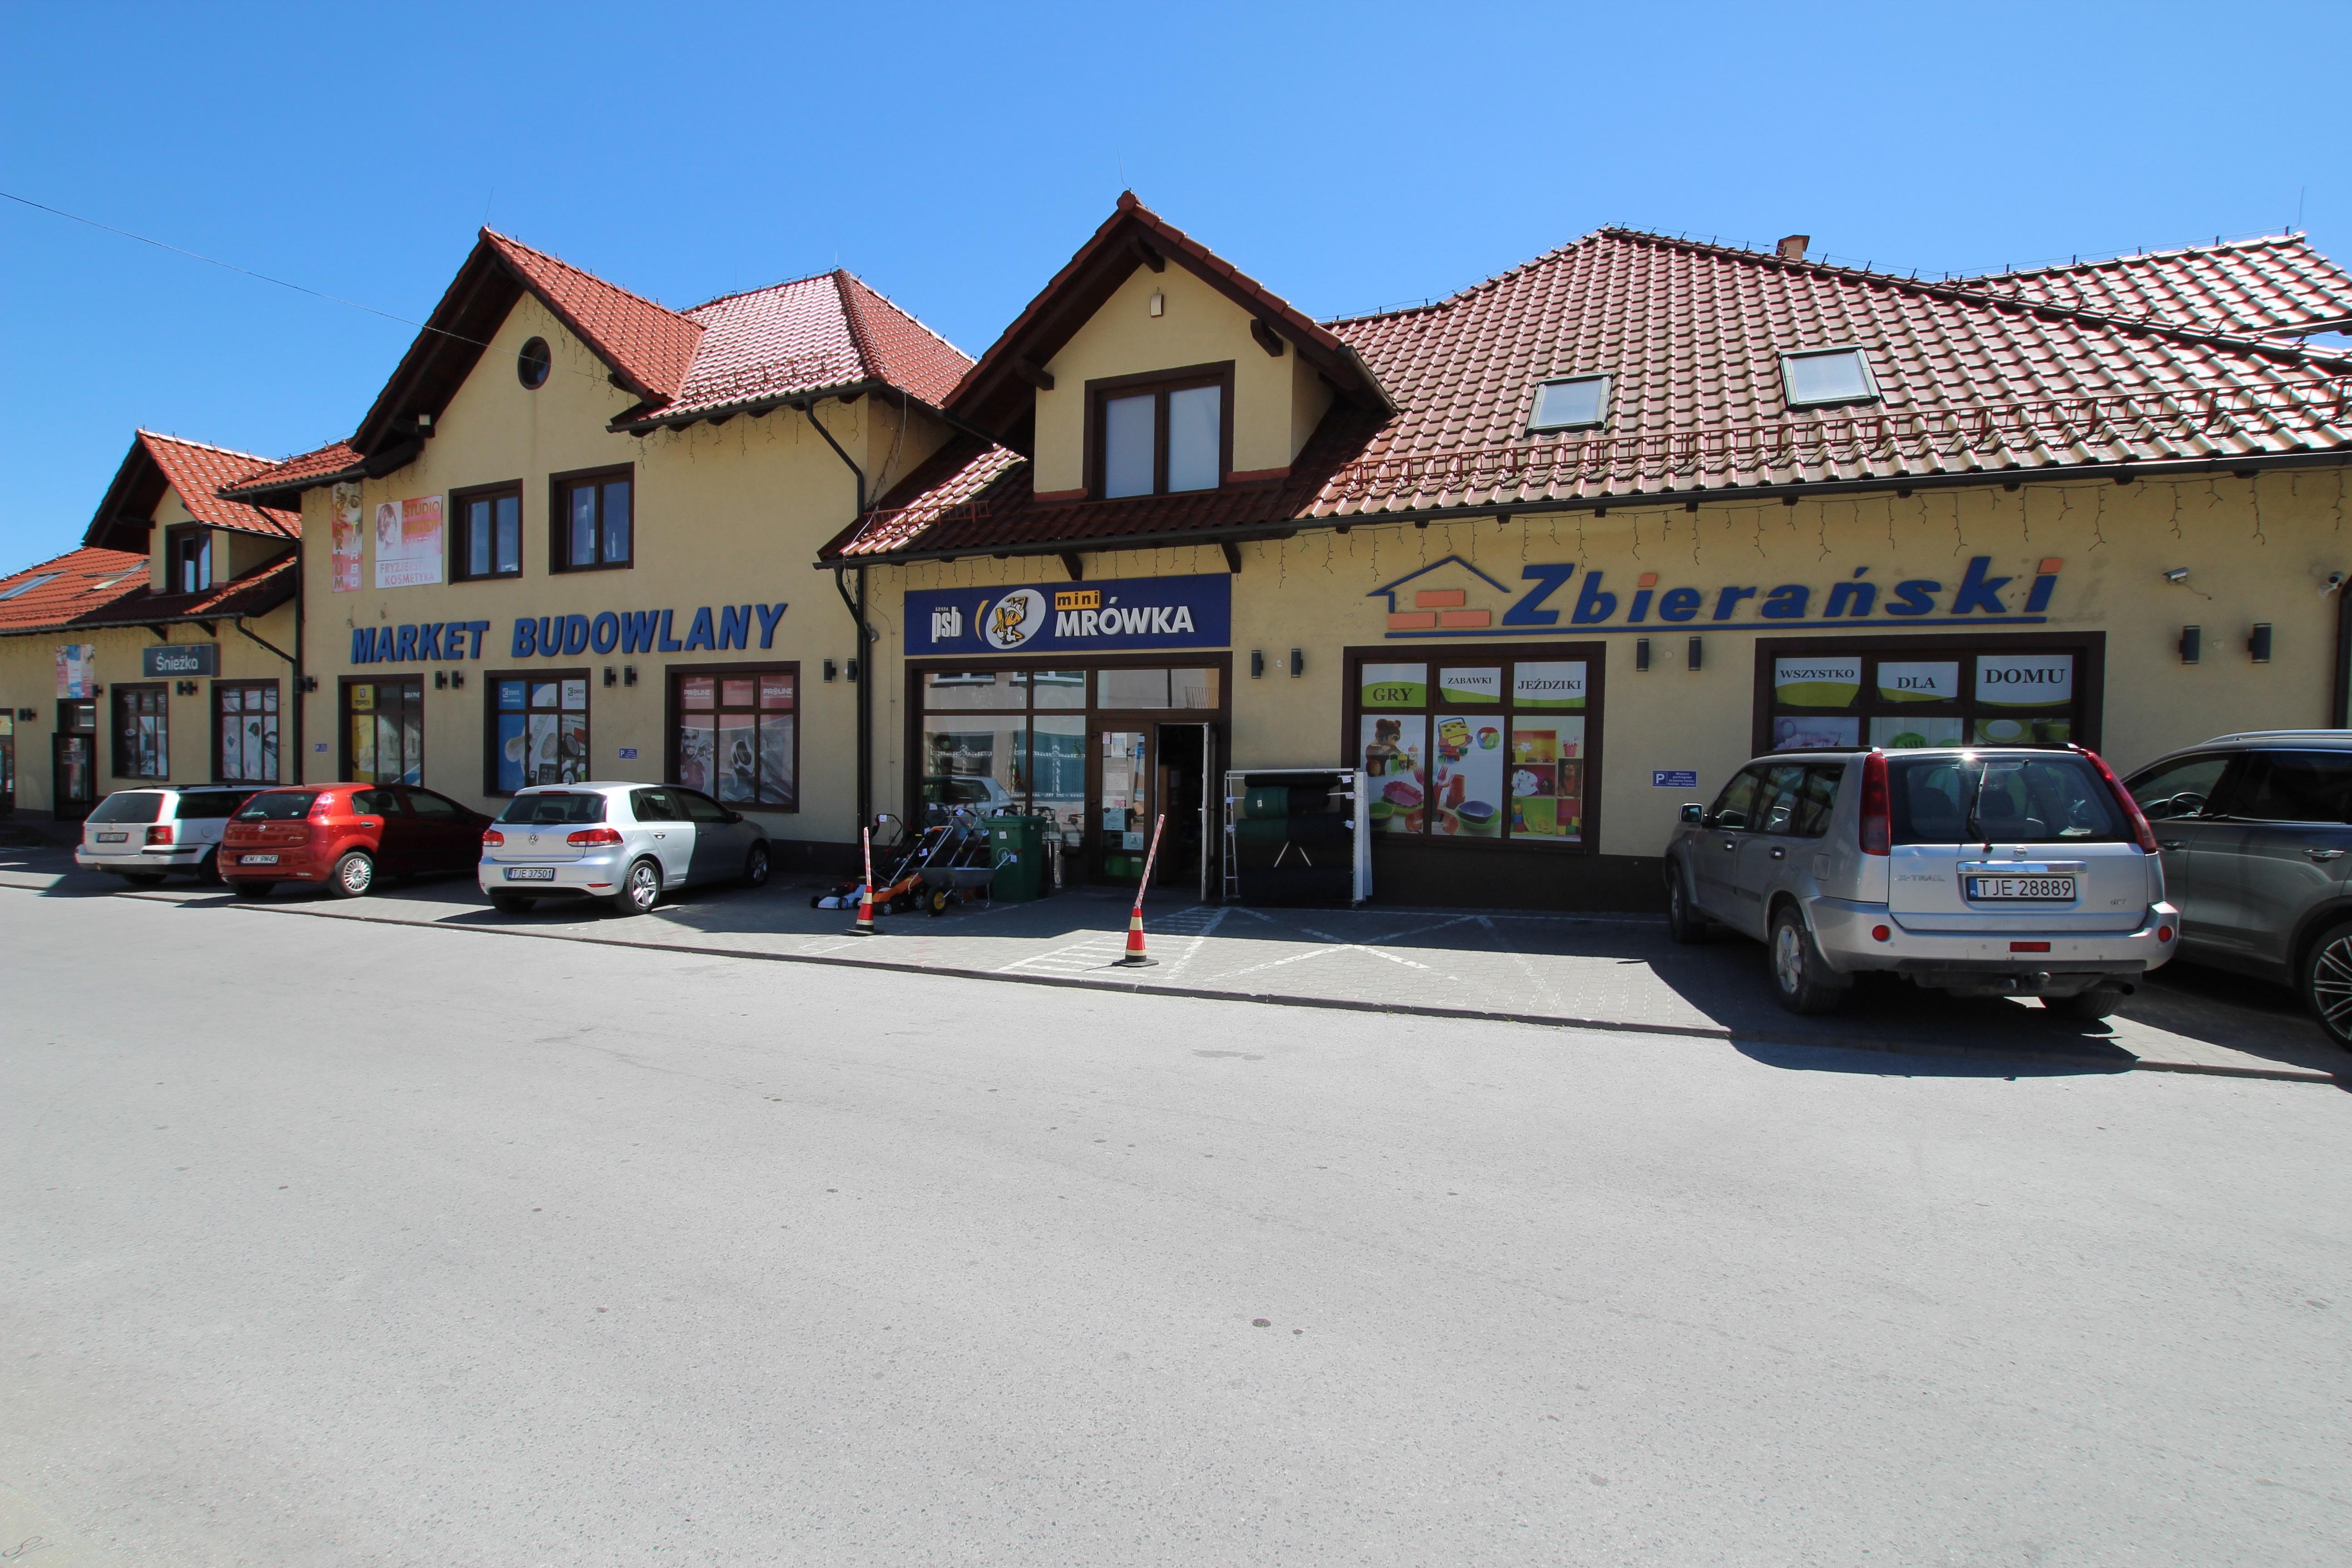 sedziszow galeria